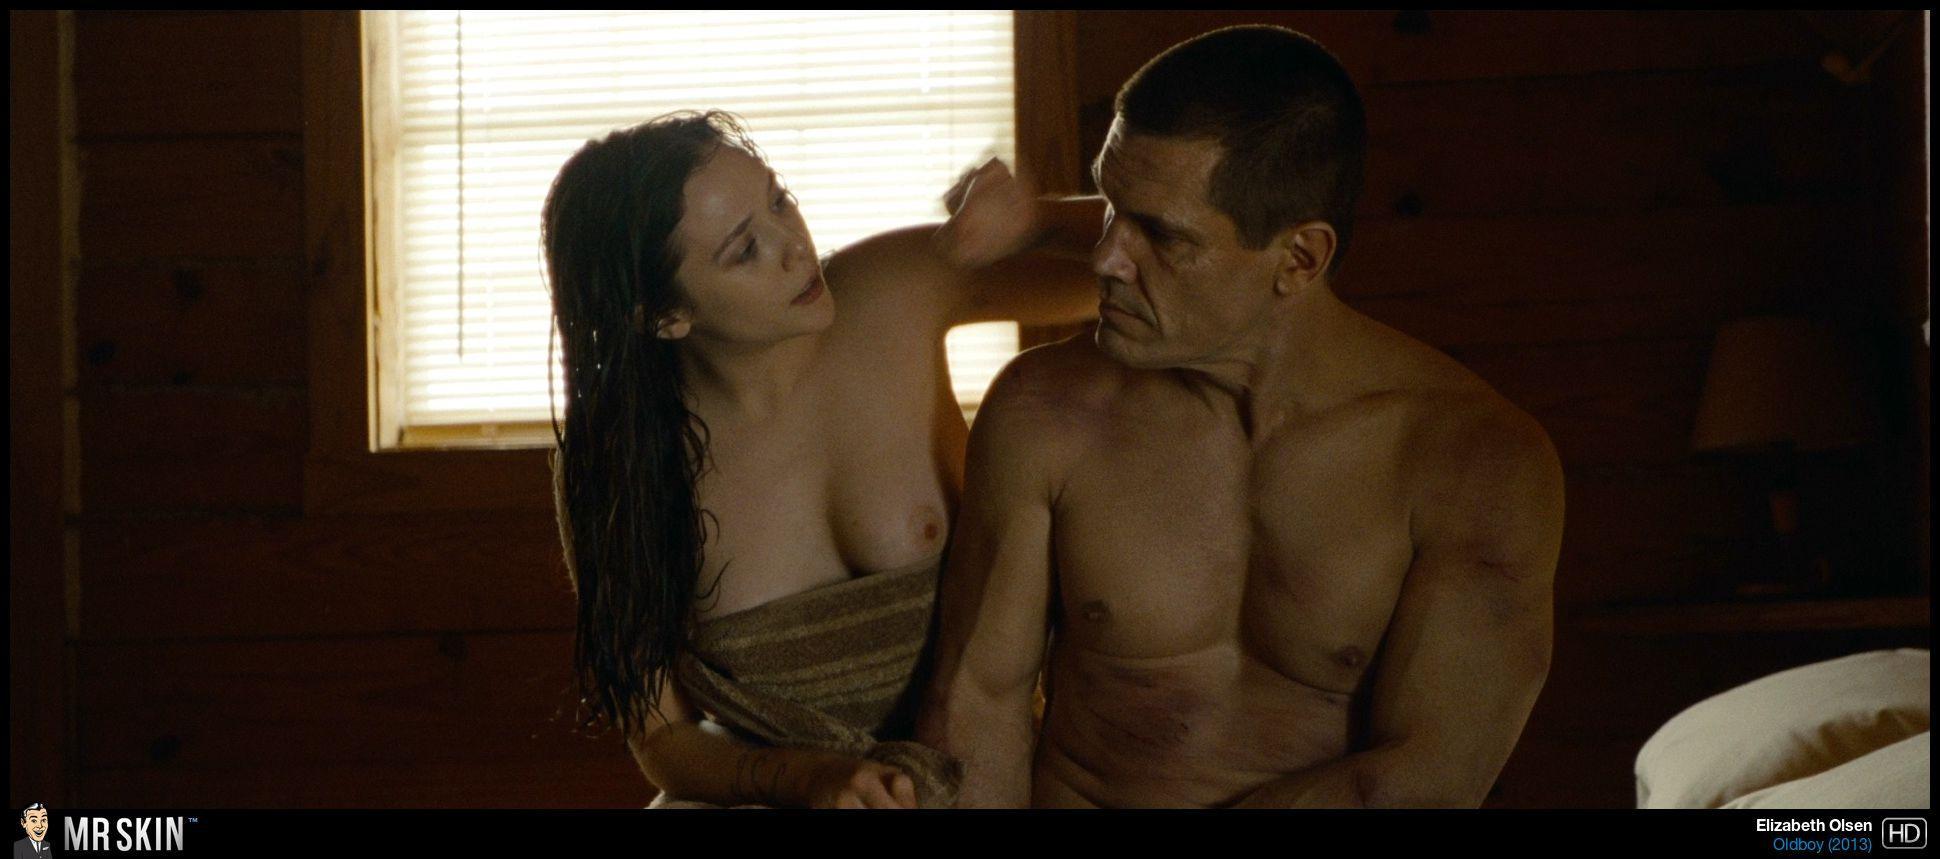 Elizabeth Olsen desnudo